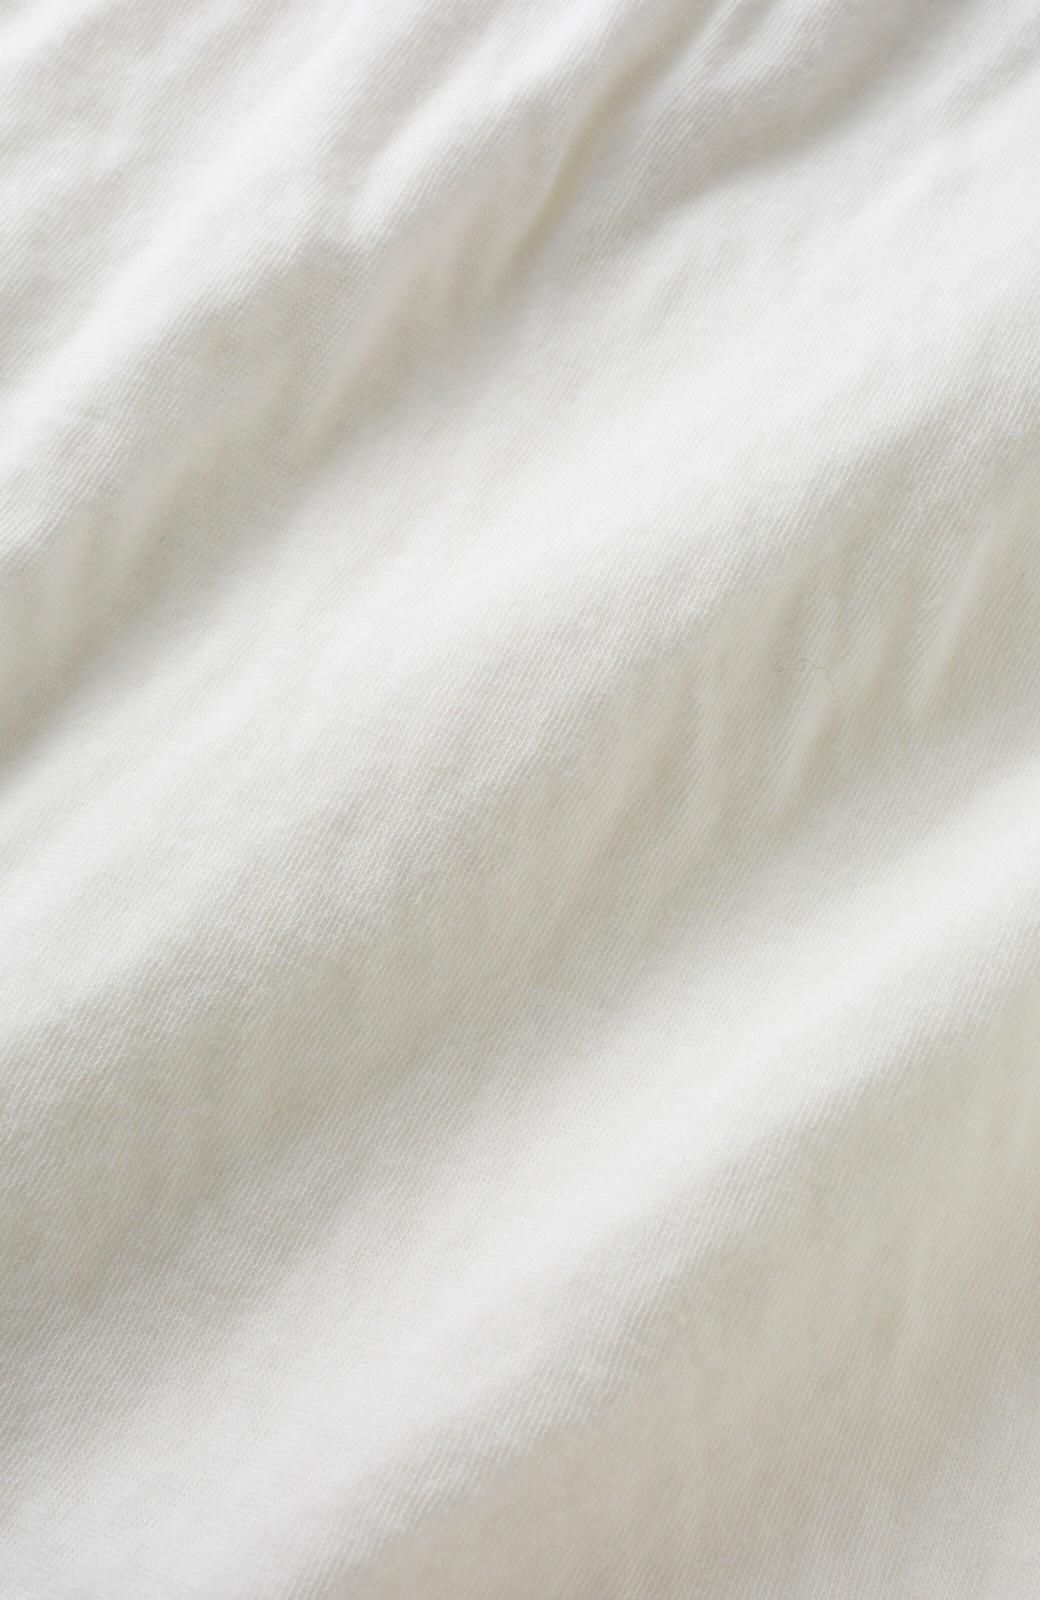 haco! PBP 重ね着にも単品でも便利!生地を2枚重ねた接結素材が気持ちいいビッグタートルカットソートップス <ホワイト>の商品写真3